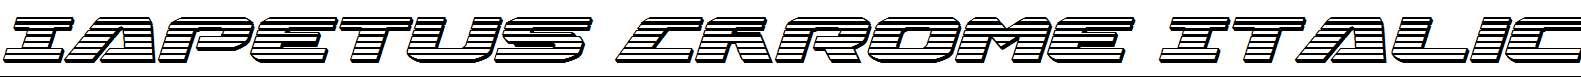 Iapetus-Chrome-Italic